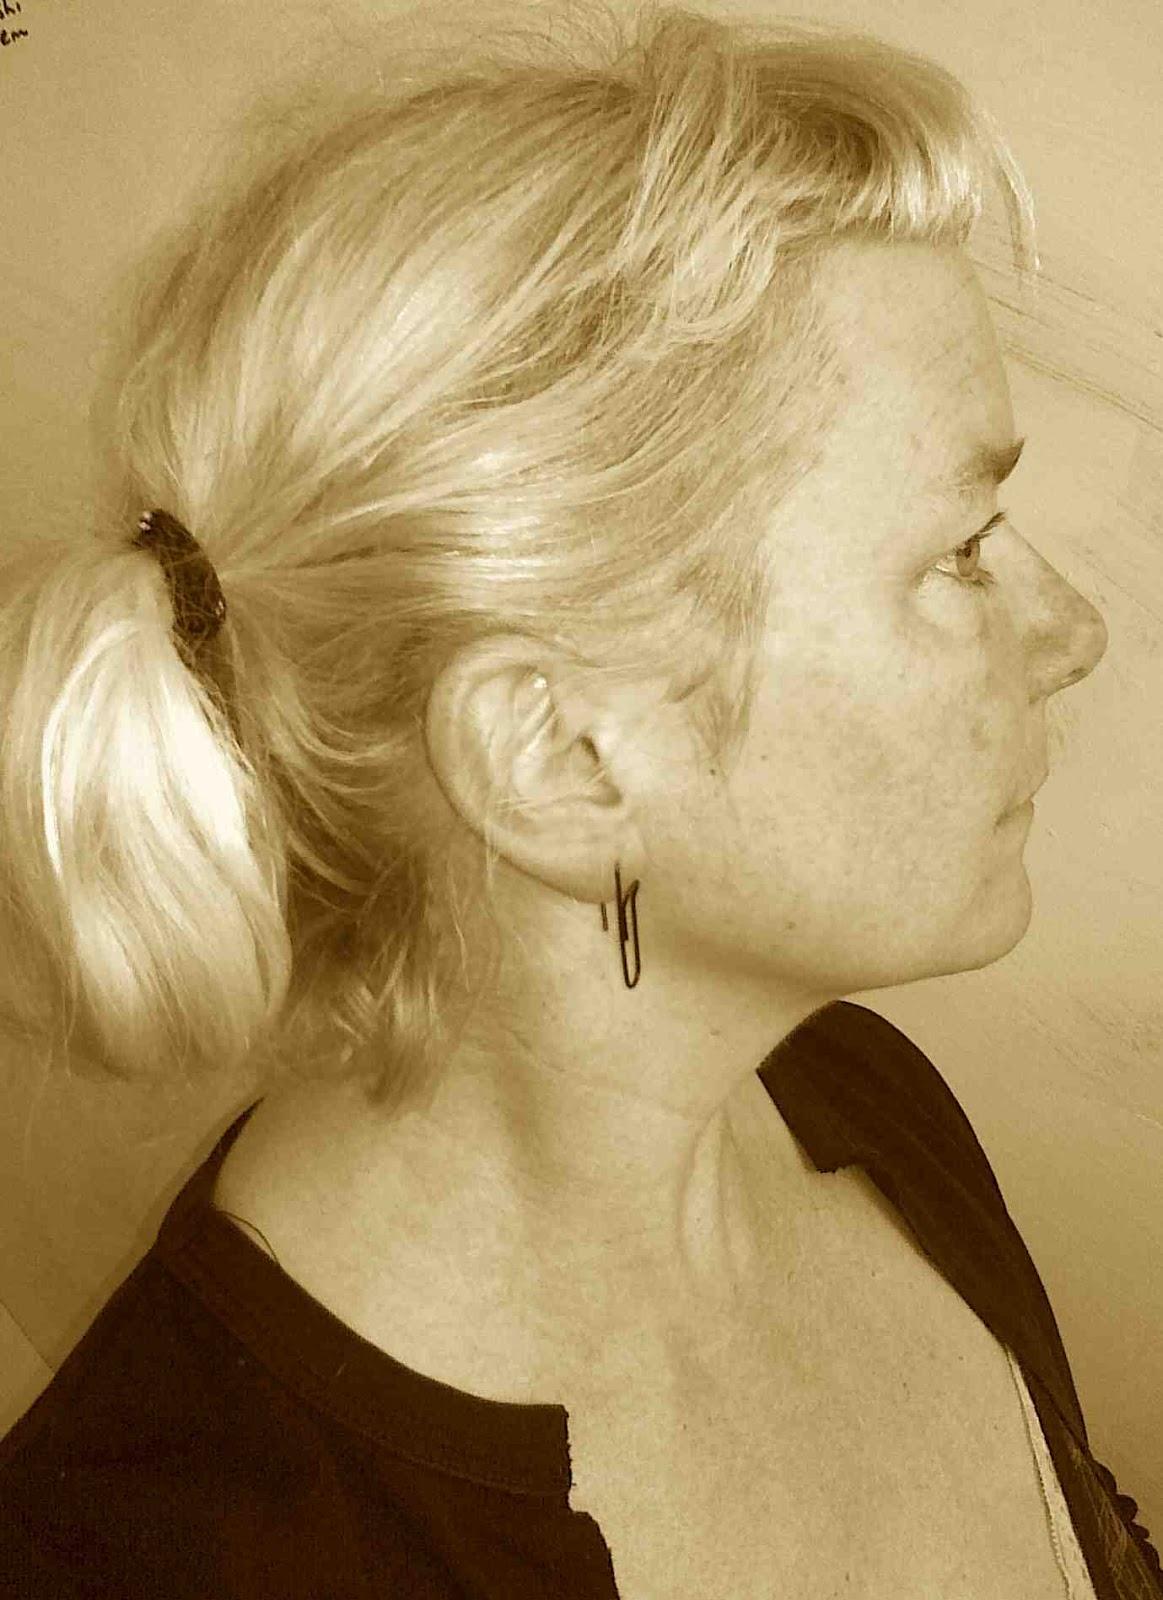 http://1.bp.blogspot.com/-HgQlEtblapw/UGh1DGwsfMI/AAAAAAAACSs/D5Bd3Boxilg/s1600/paper+clip+earring+sepia.jpg